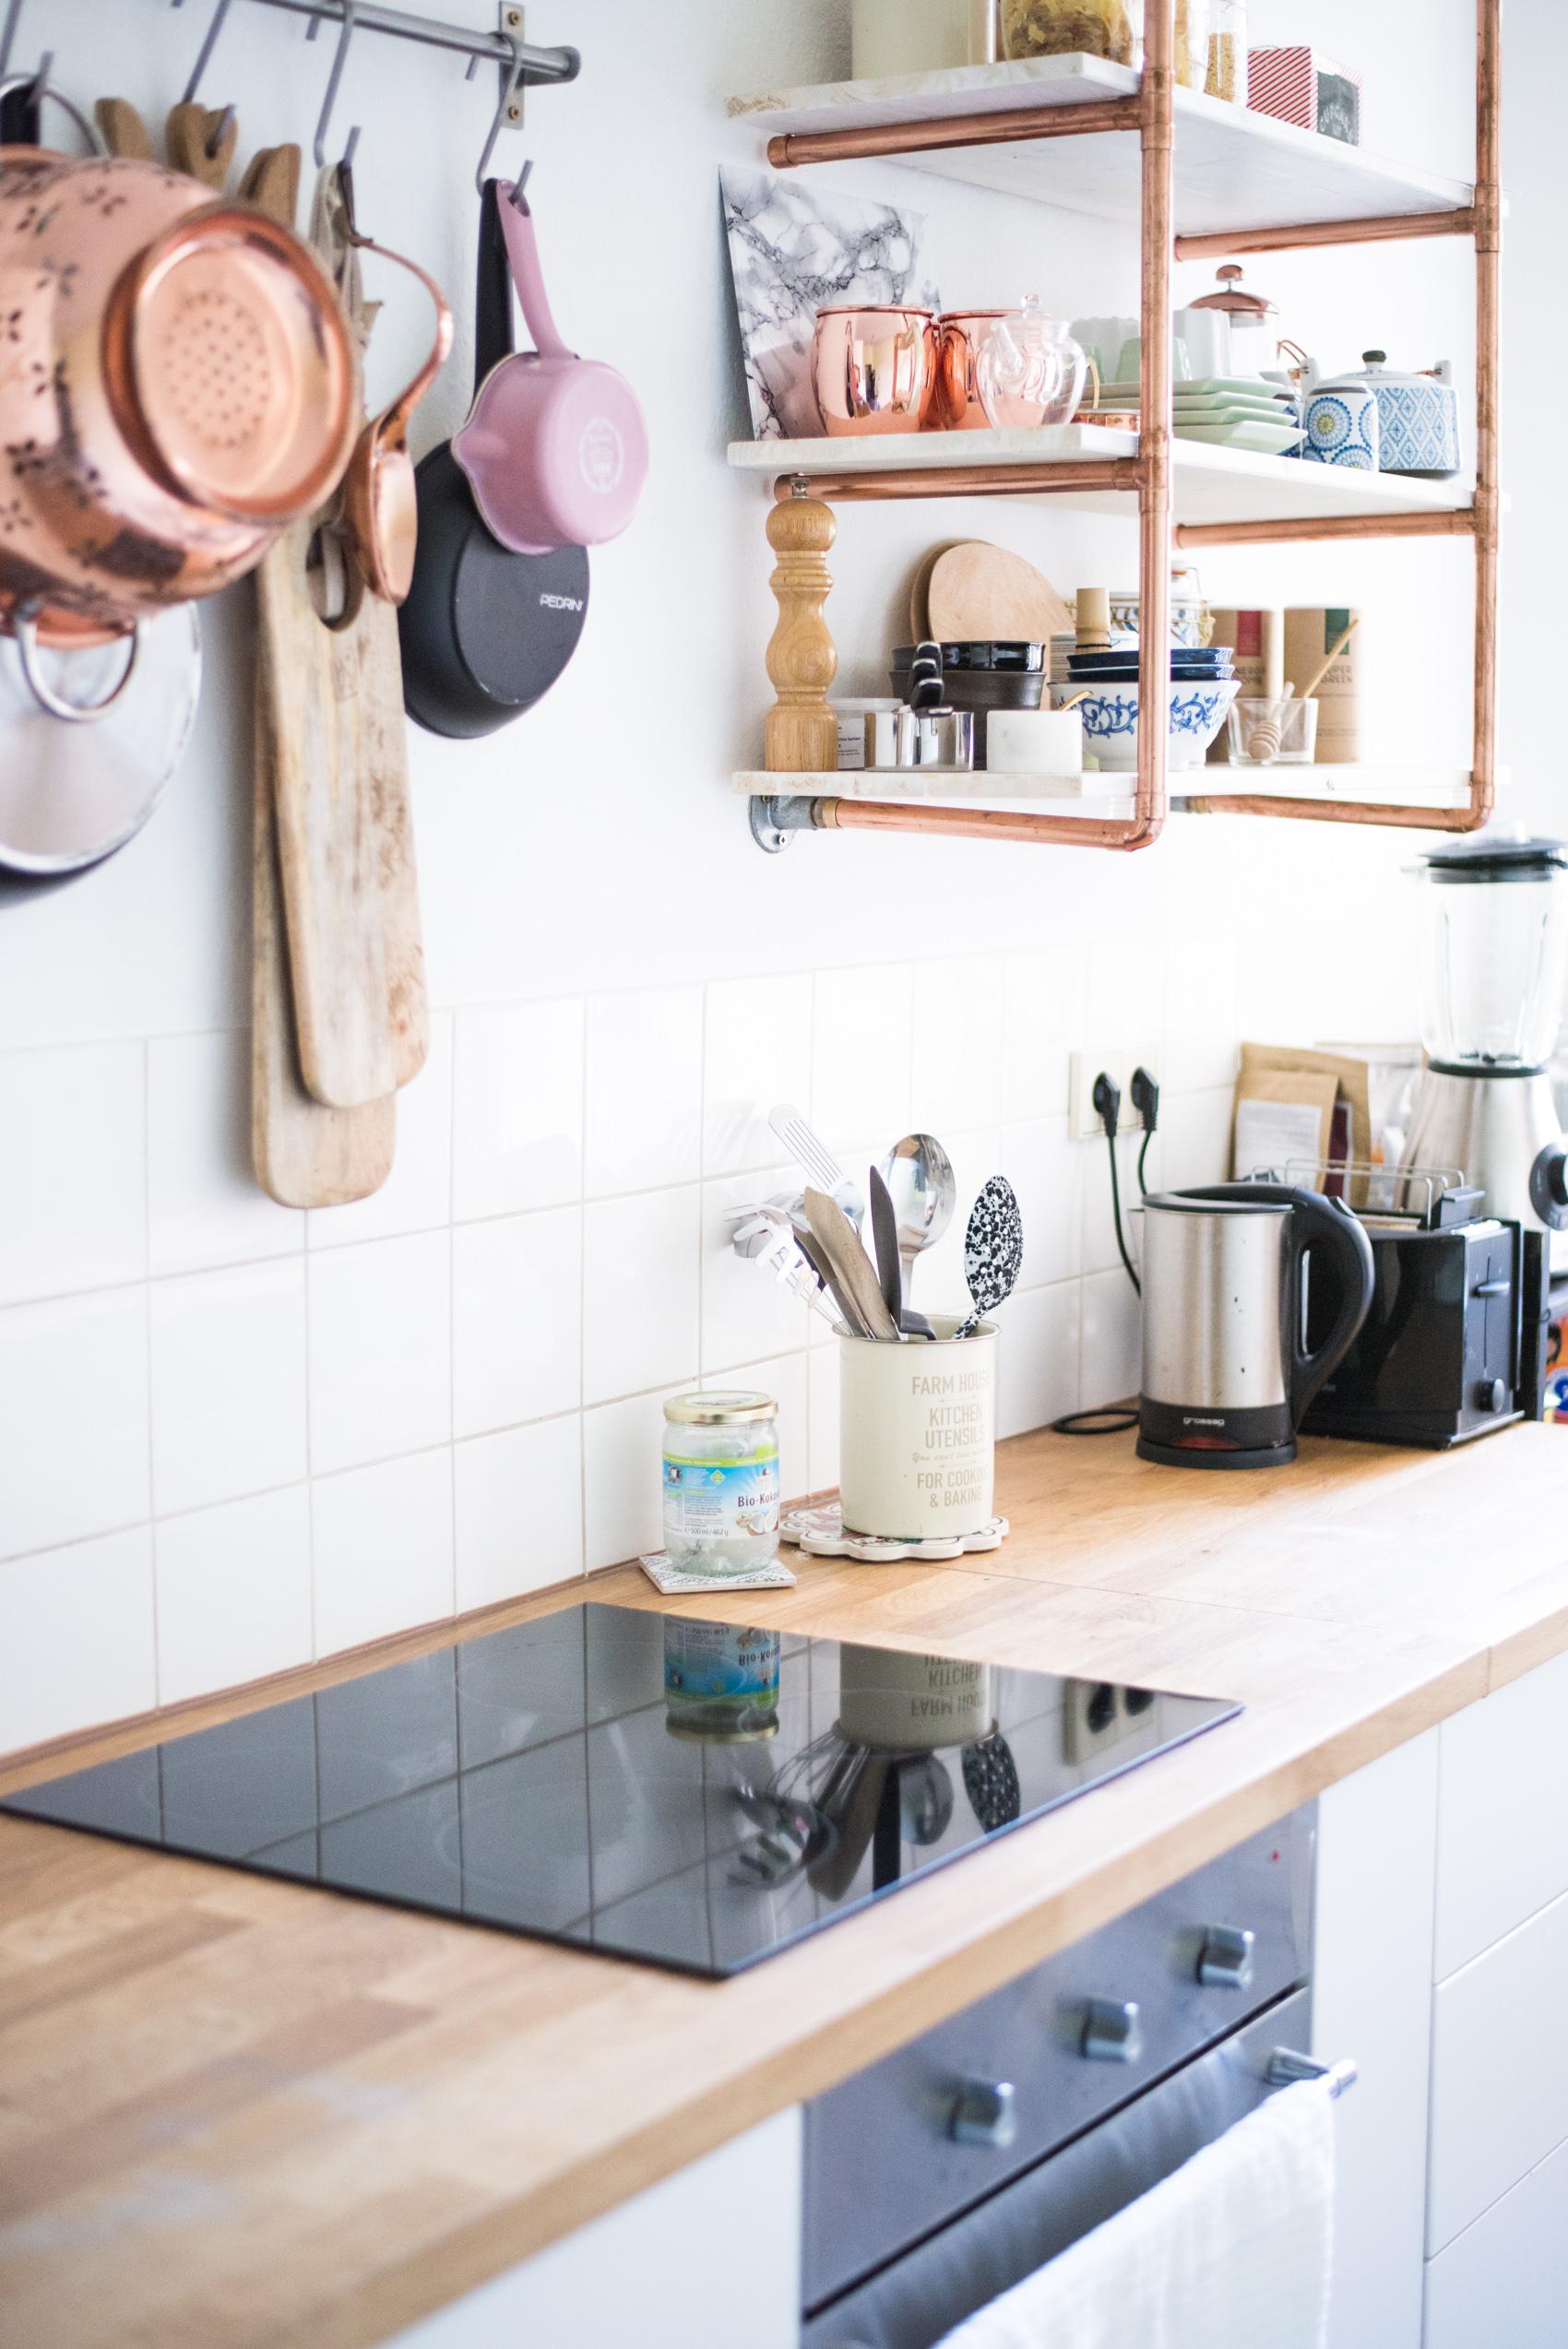 kitchen (3 of 3)